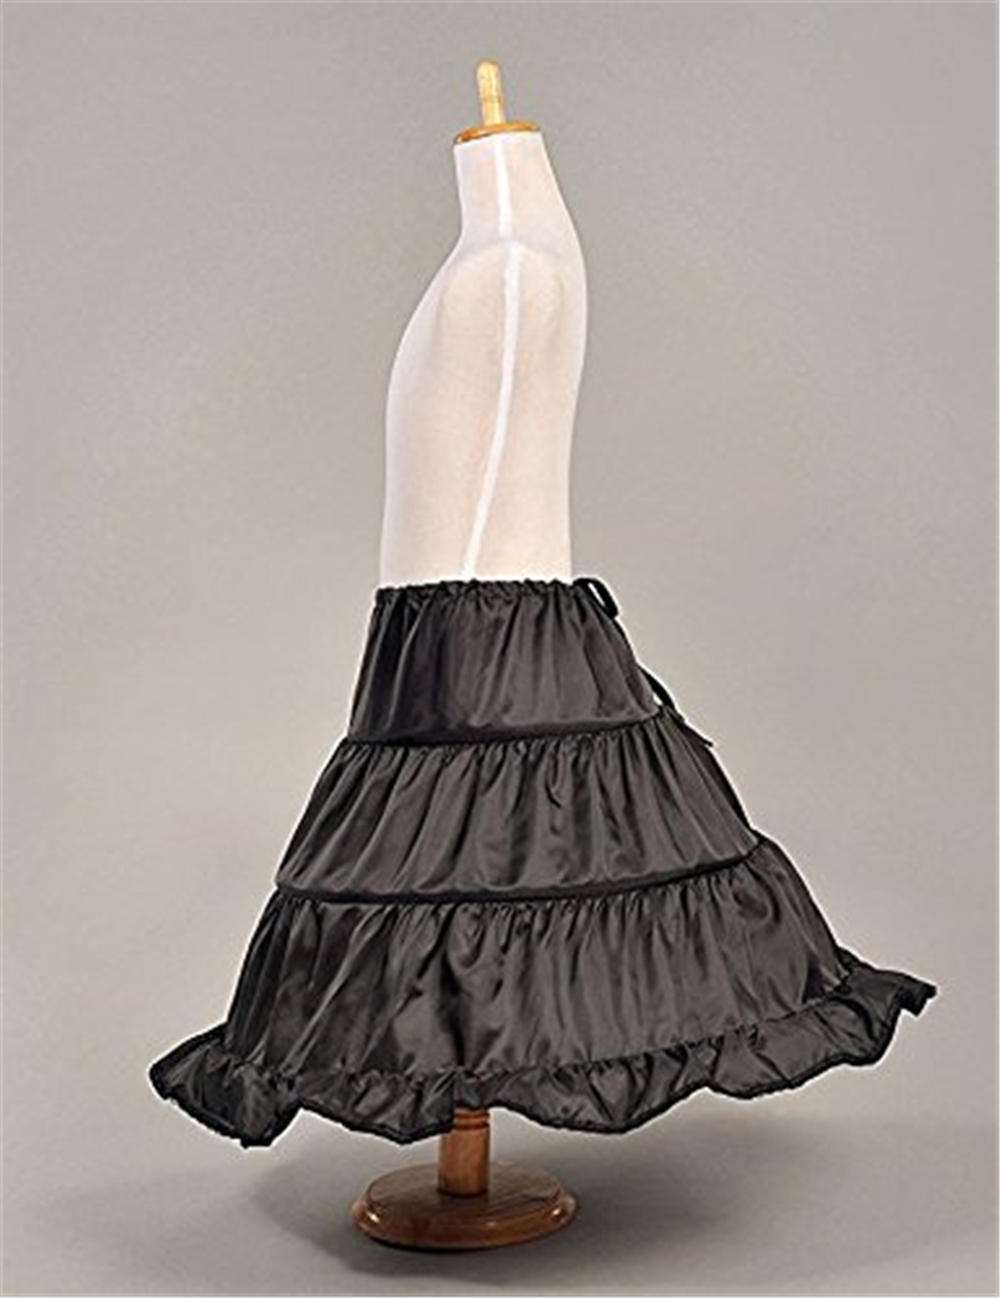 White/Black Girls Petticoat Crinoline 3 Hoops Underskirt For Flower Girl Dress Petticoats For Wedding Accessory